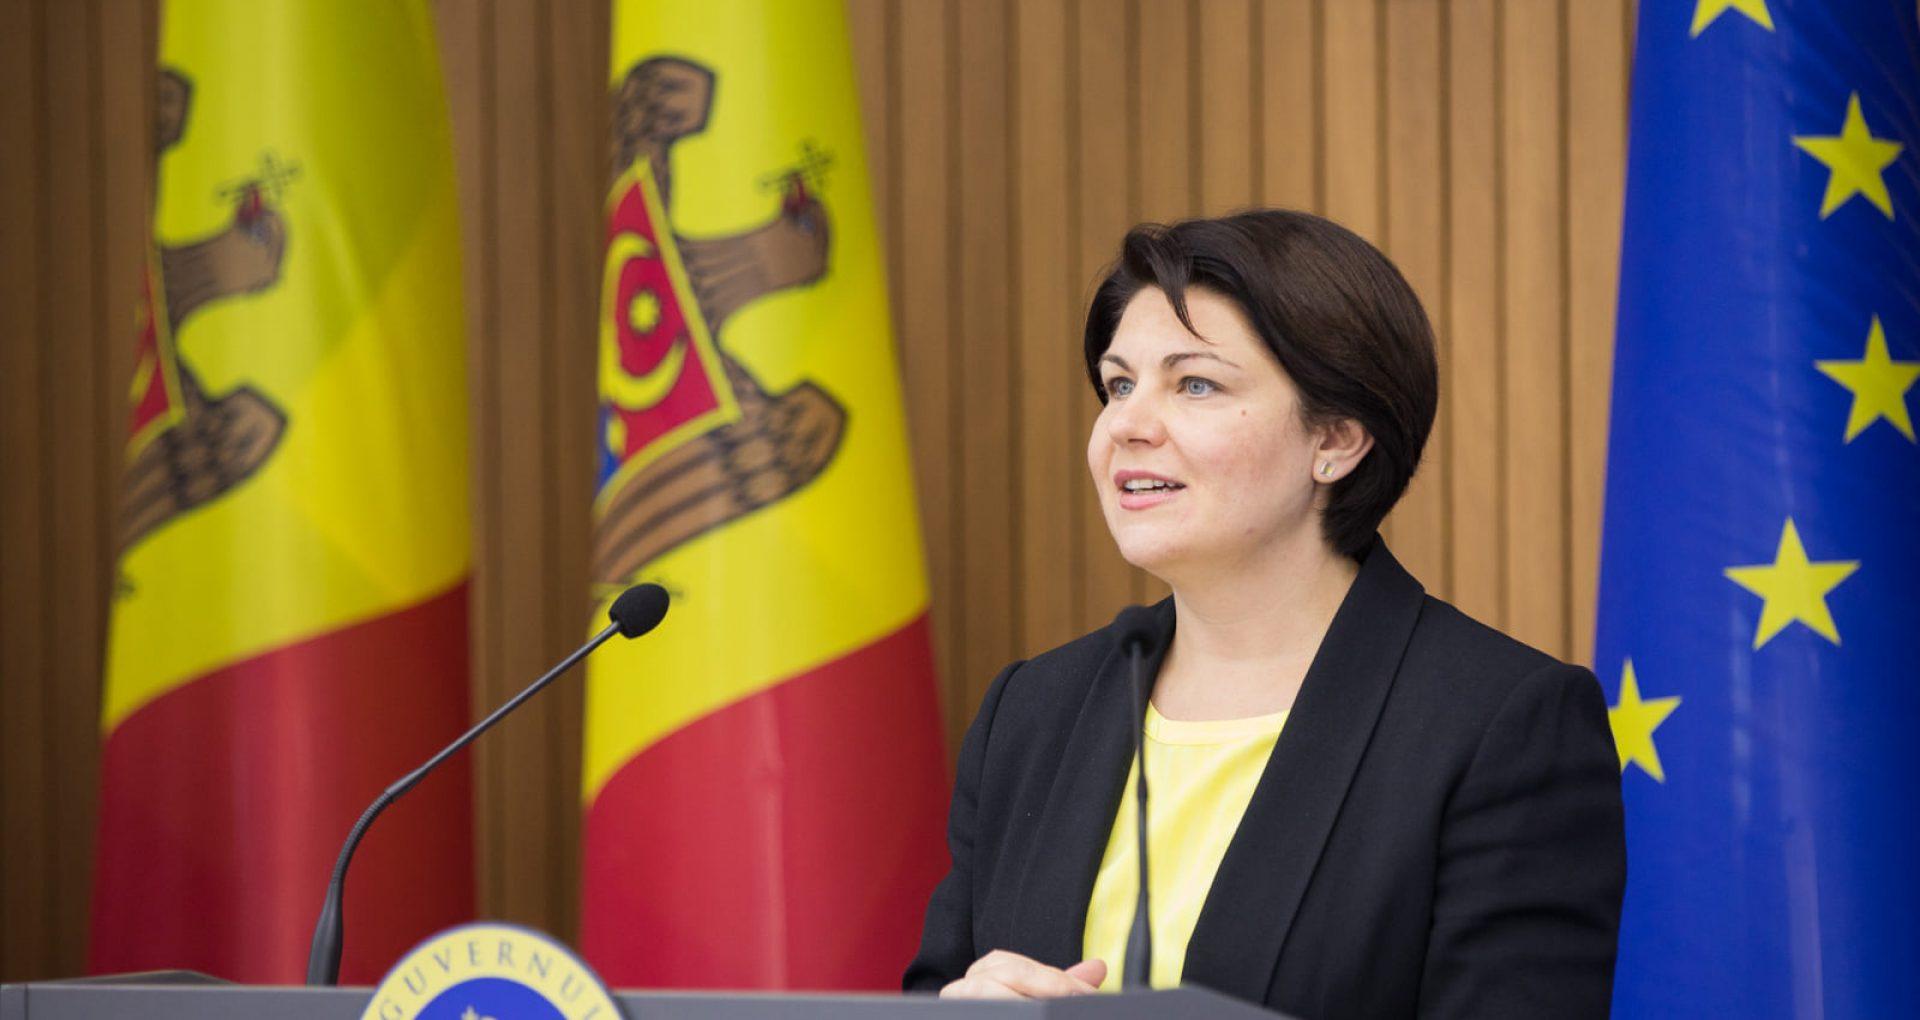 """VIDEO/ Prim-ministra Gavrilița, despre noua componență CNESP: """"Ne-am asigurat că 50% din componența Comisiei sunt specialiști și experți în sănătate publică"""""""